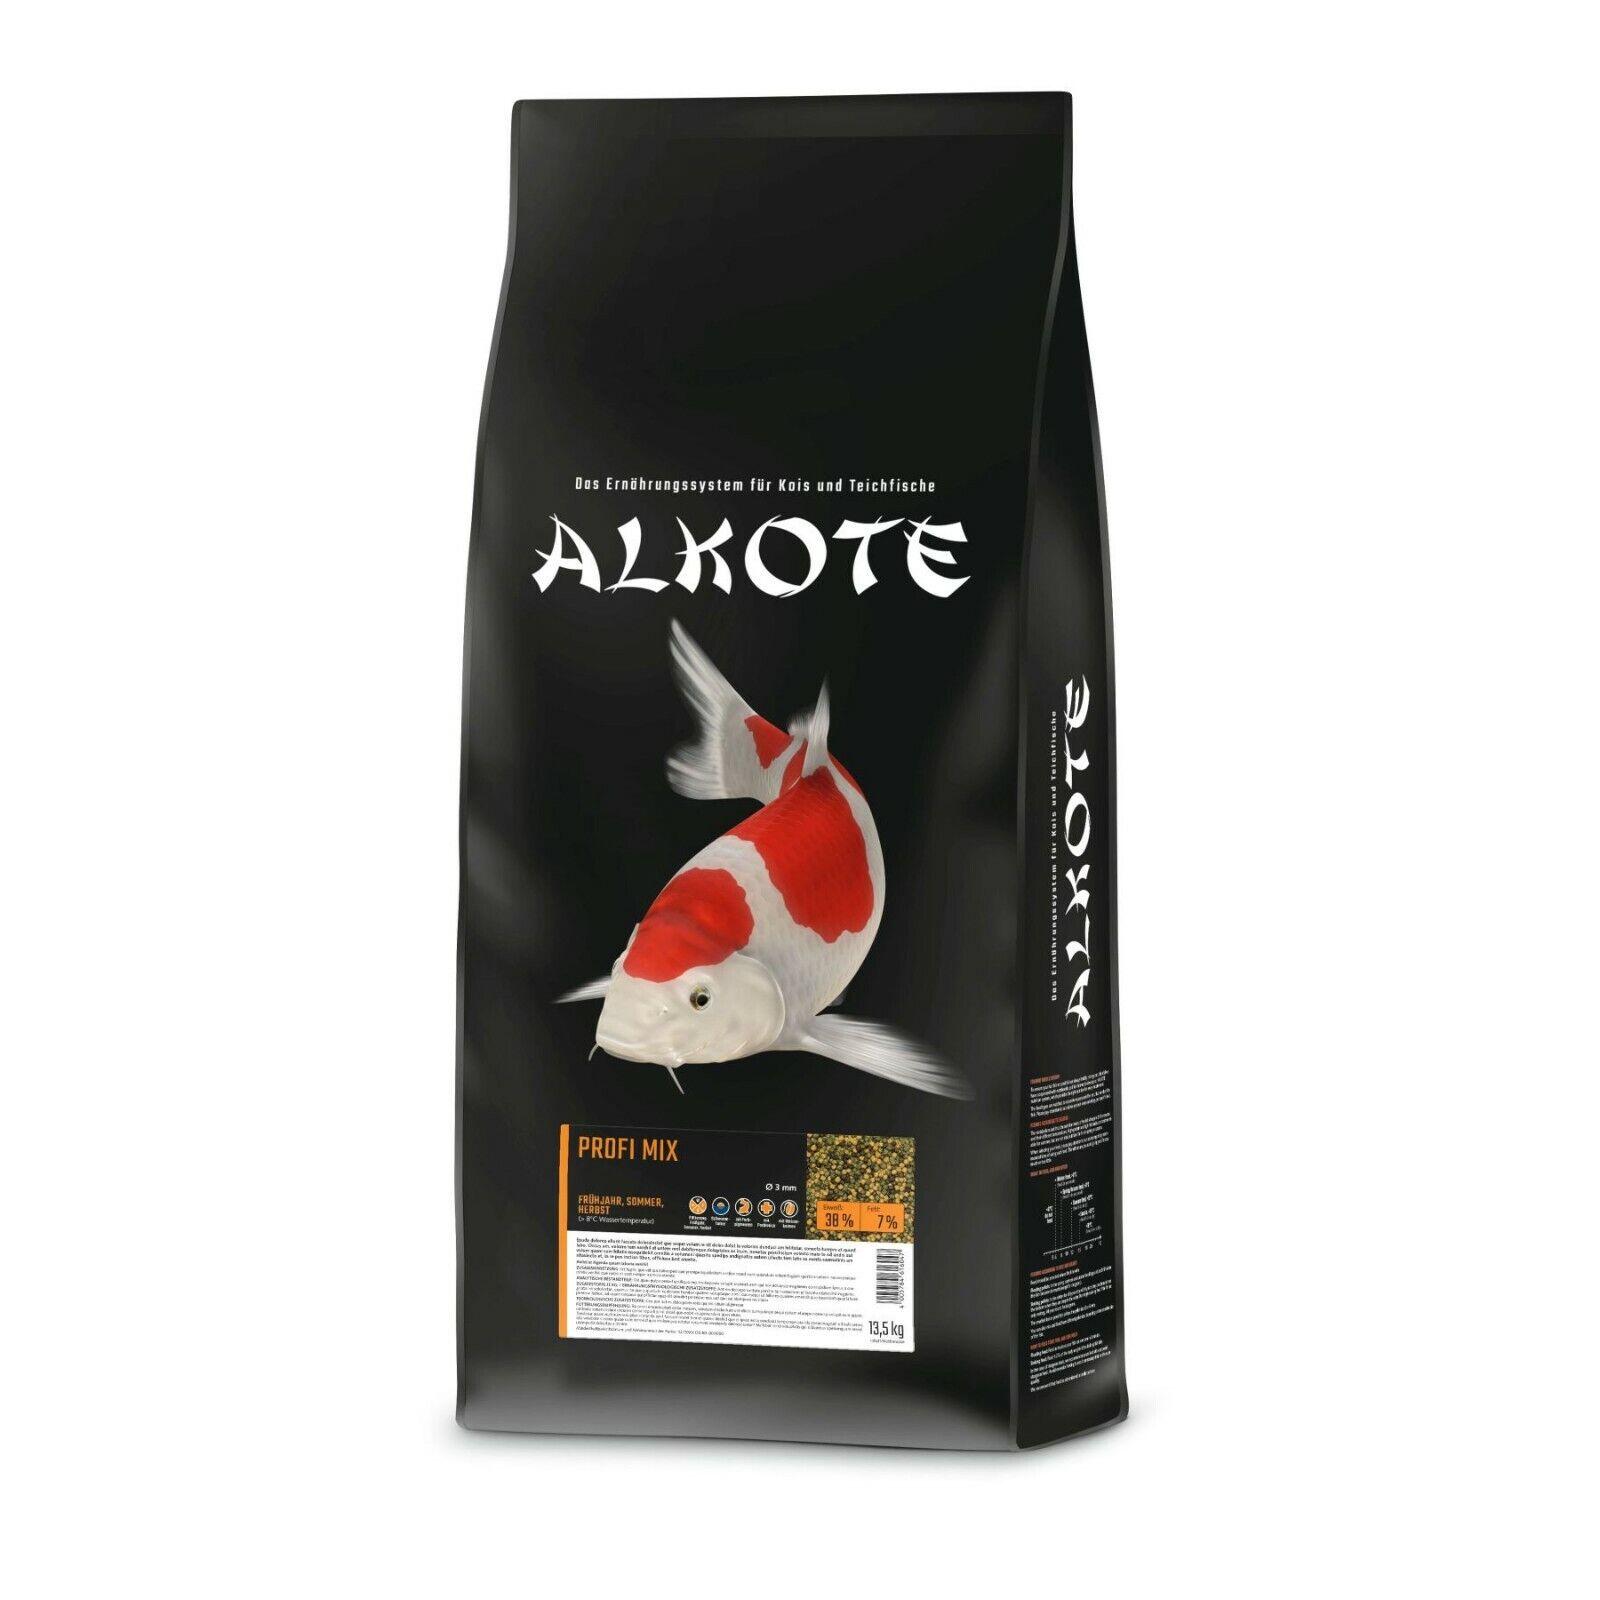 Al-ko-te profi-mix 3 mm 13,5kg G